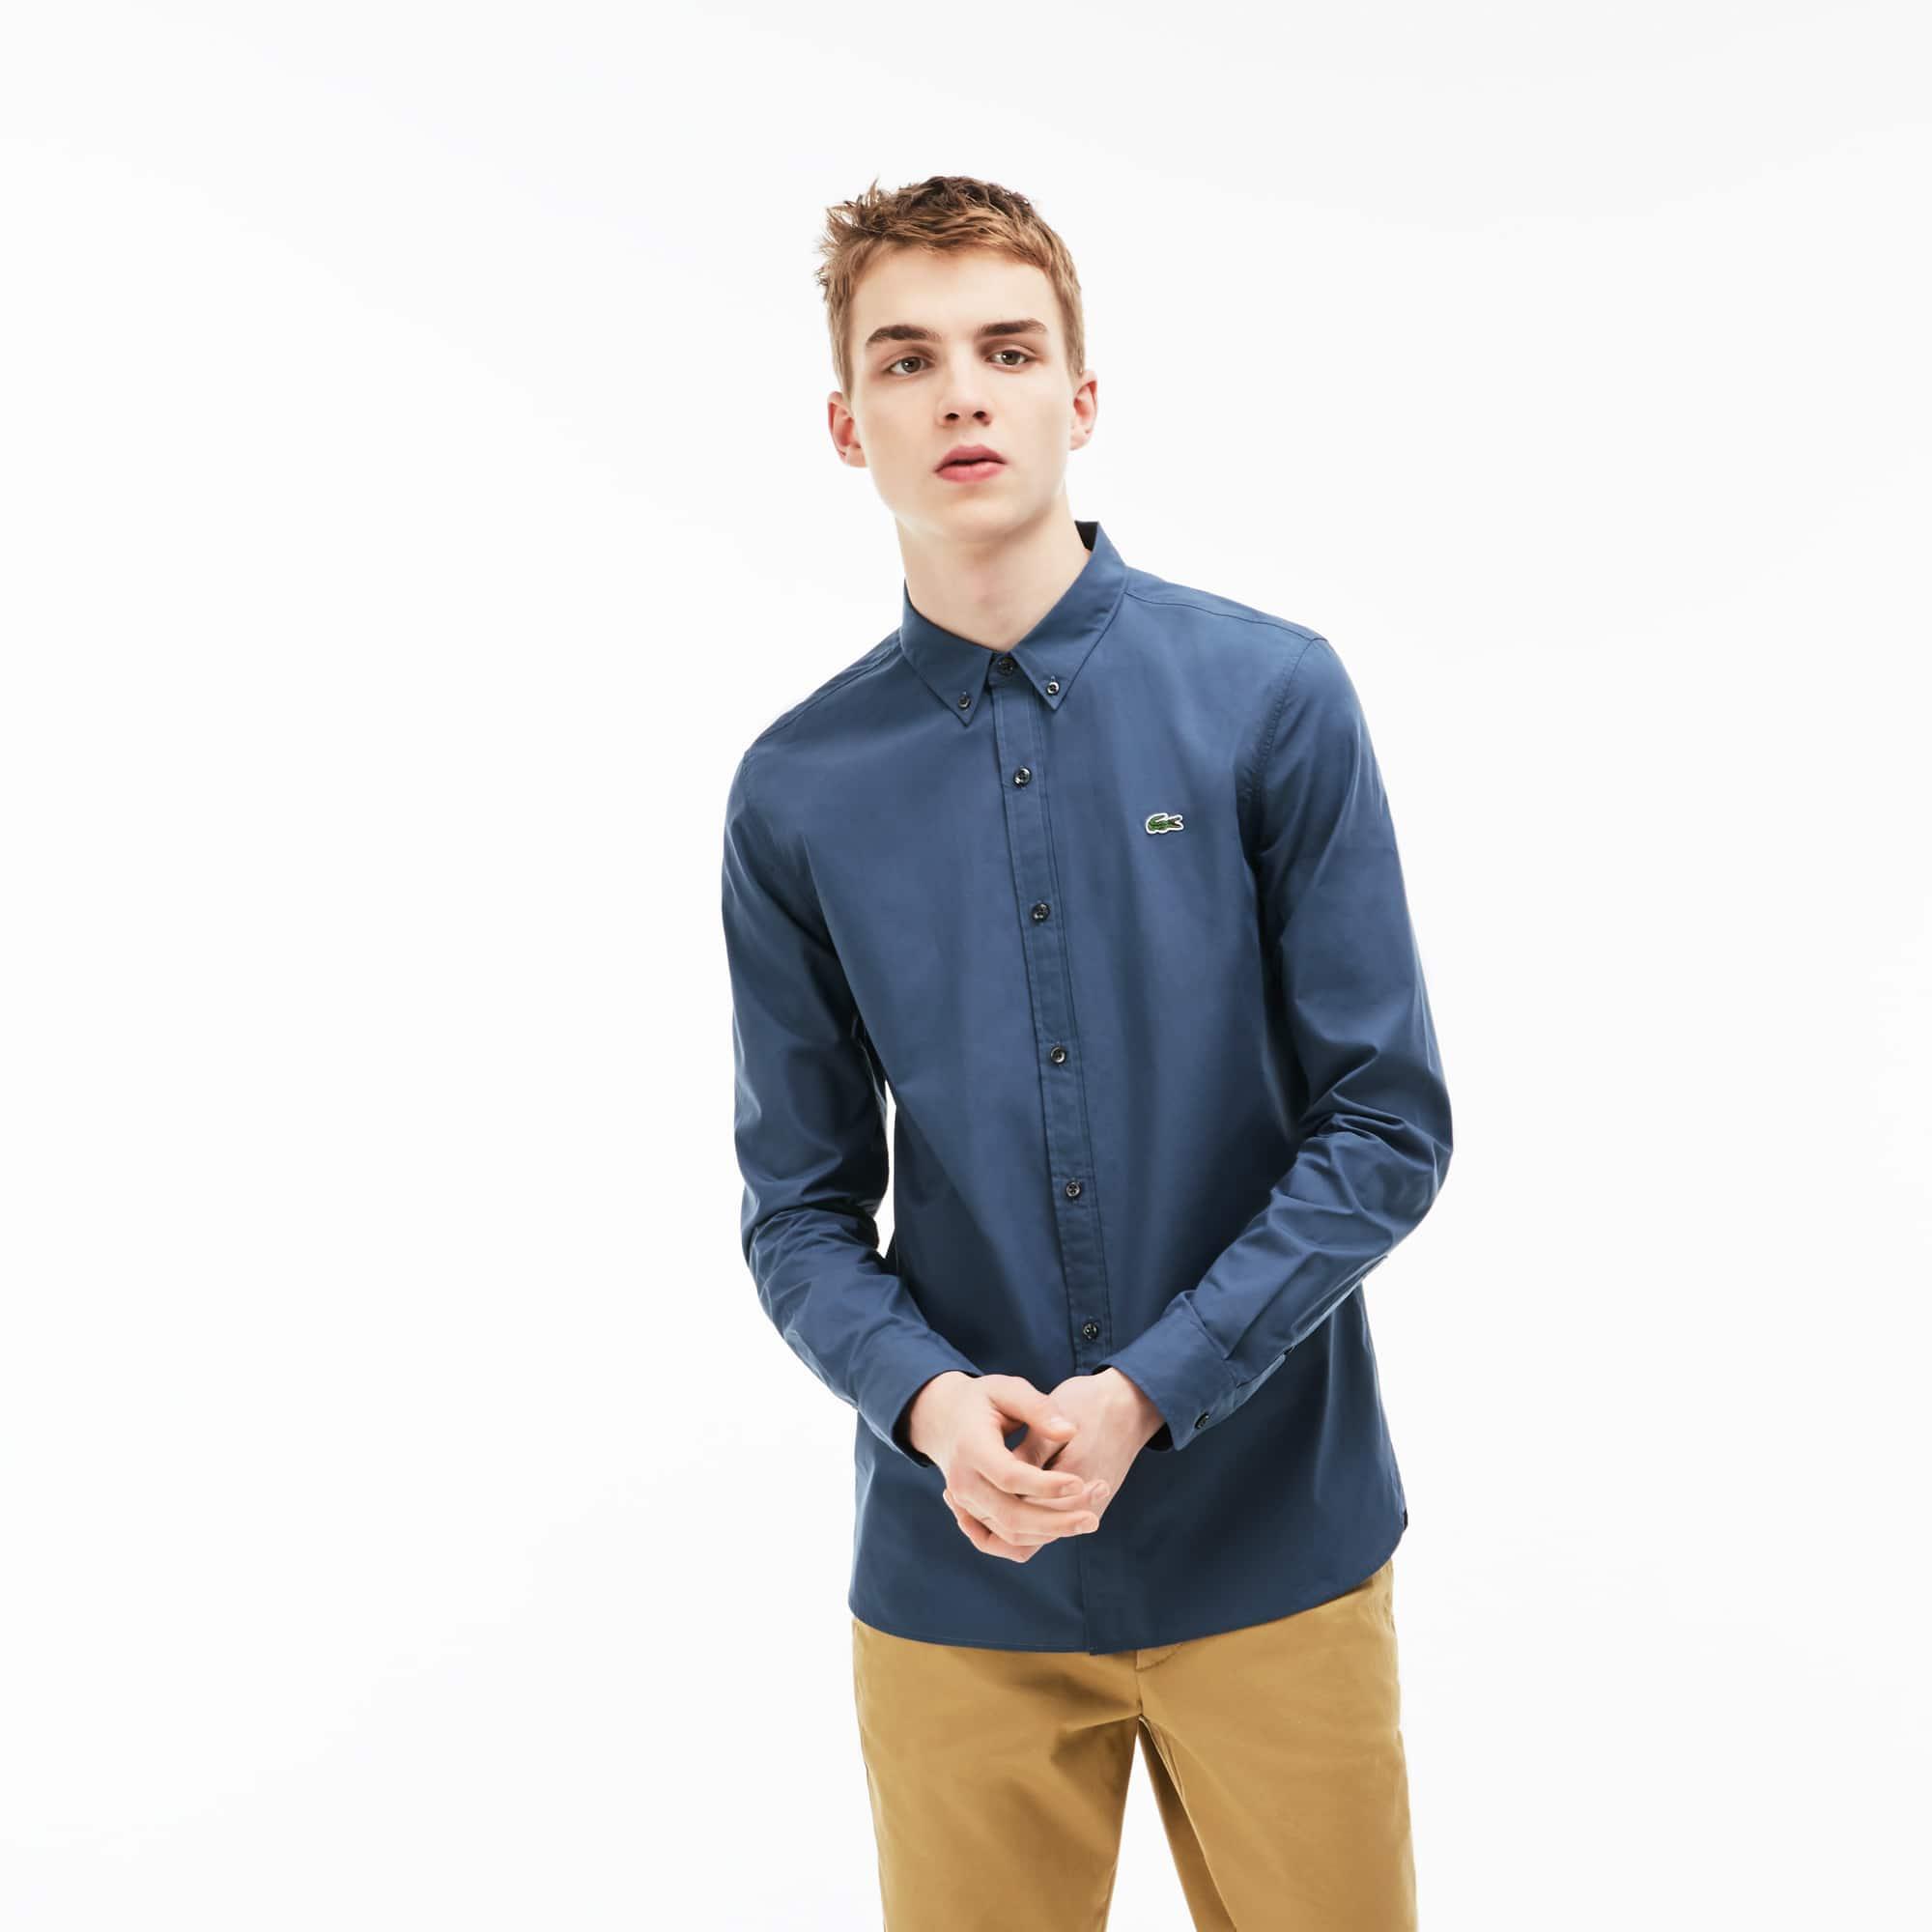 Camisa Lacoste LIVE Skinny Fit Masculina em Popeline de Algodão